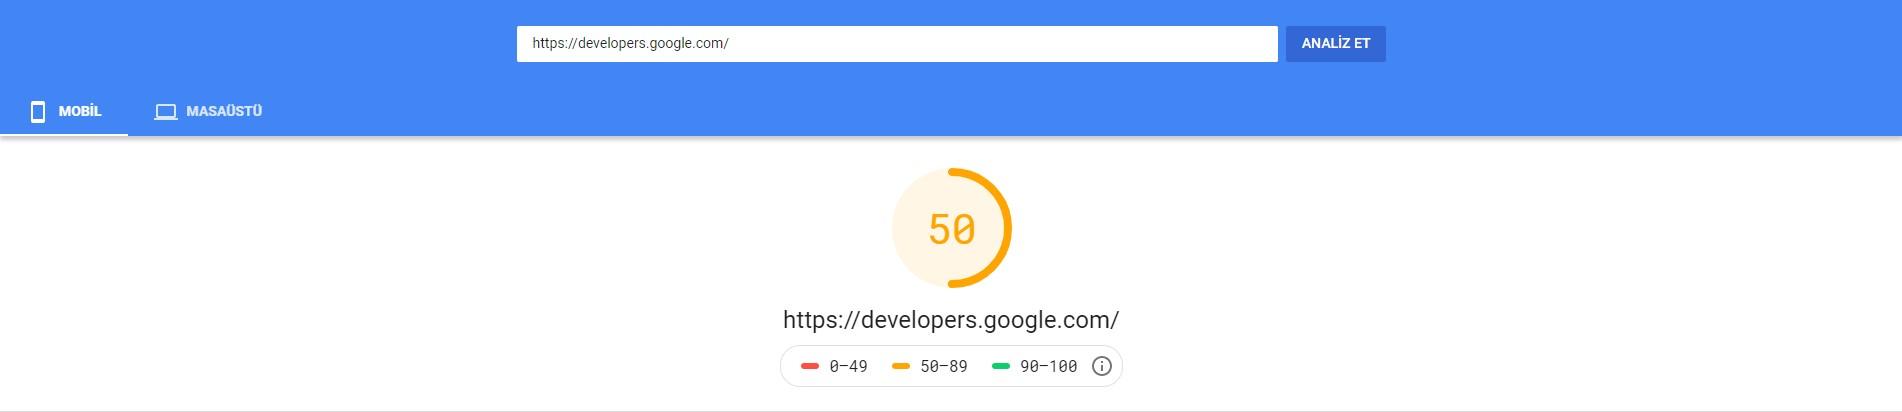 web sitesi hız testi 2